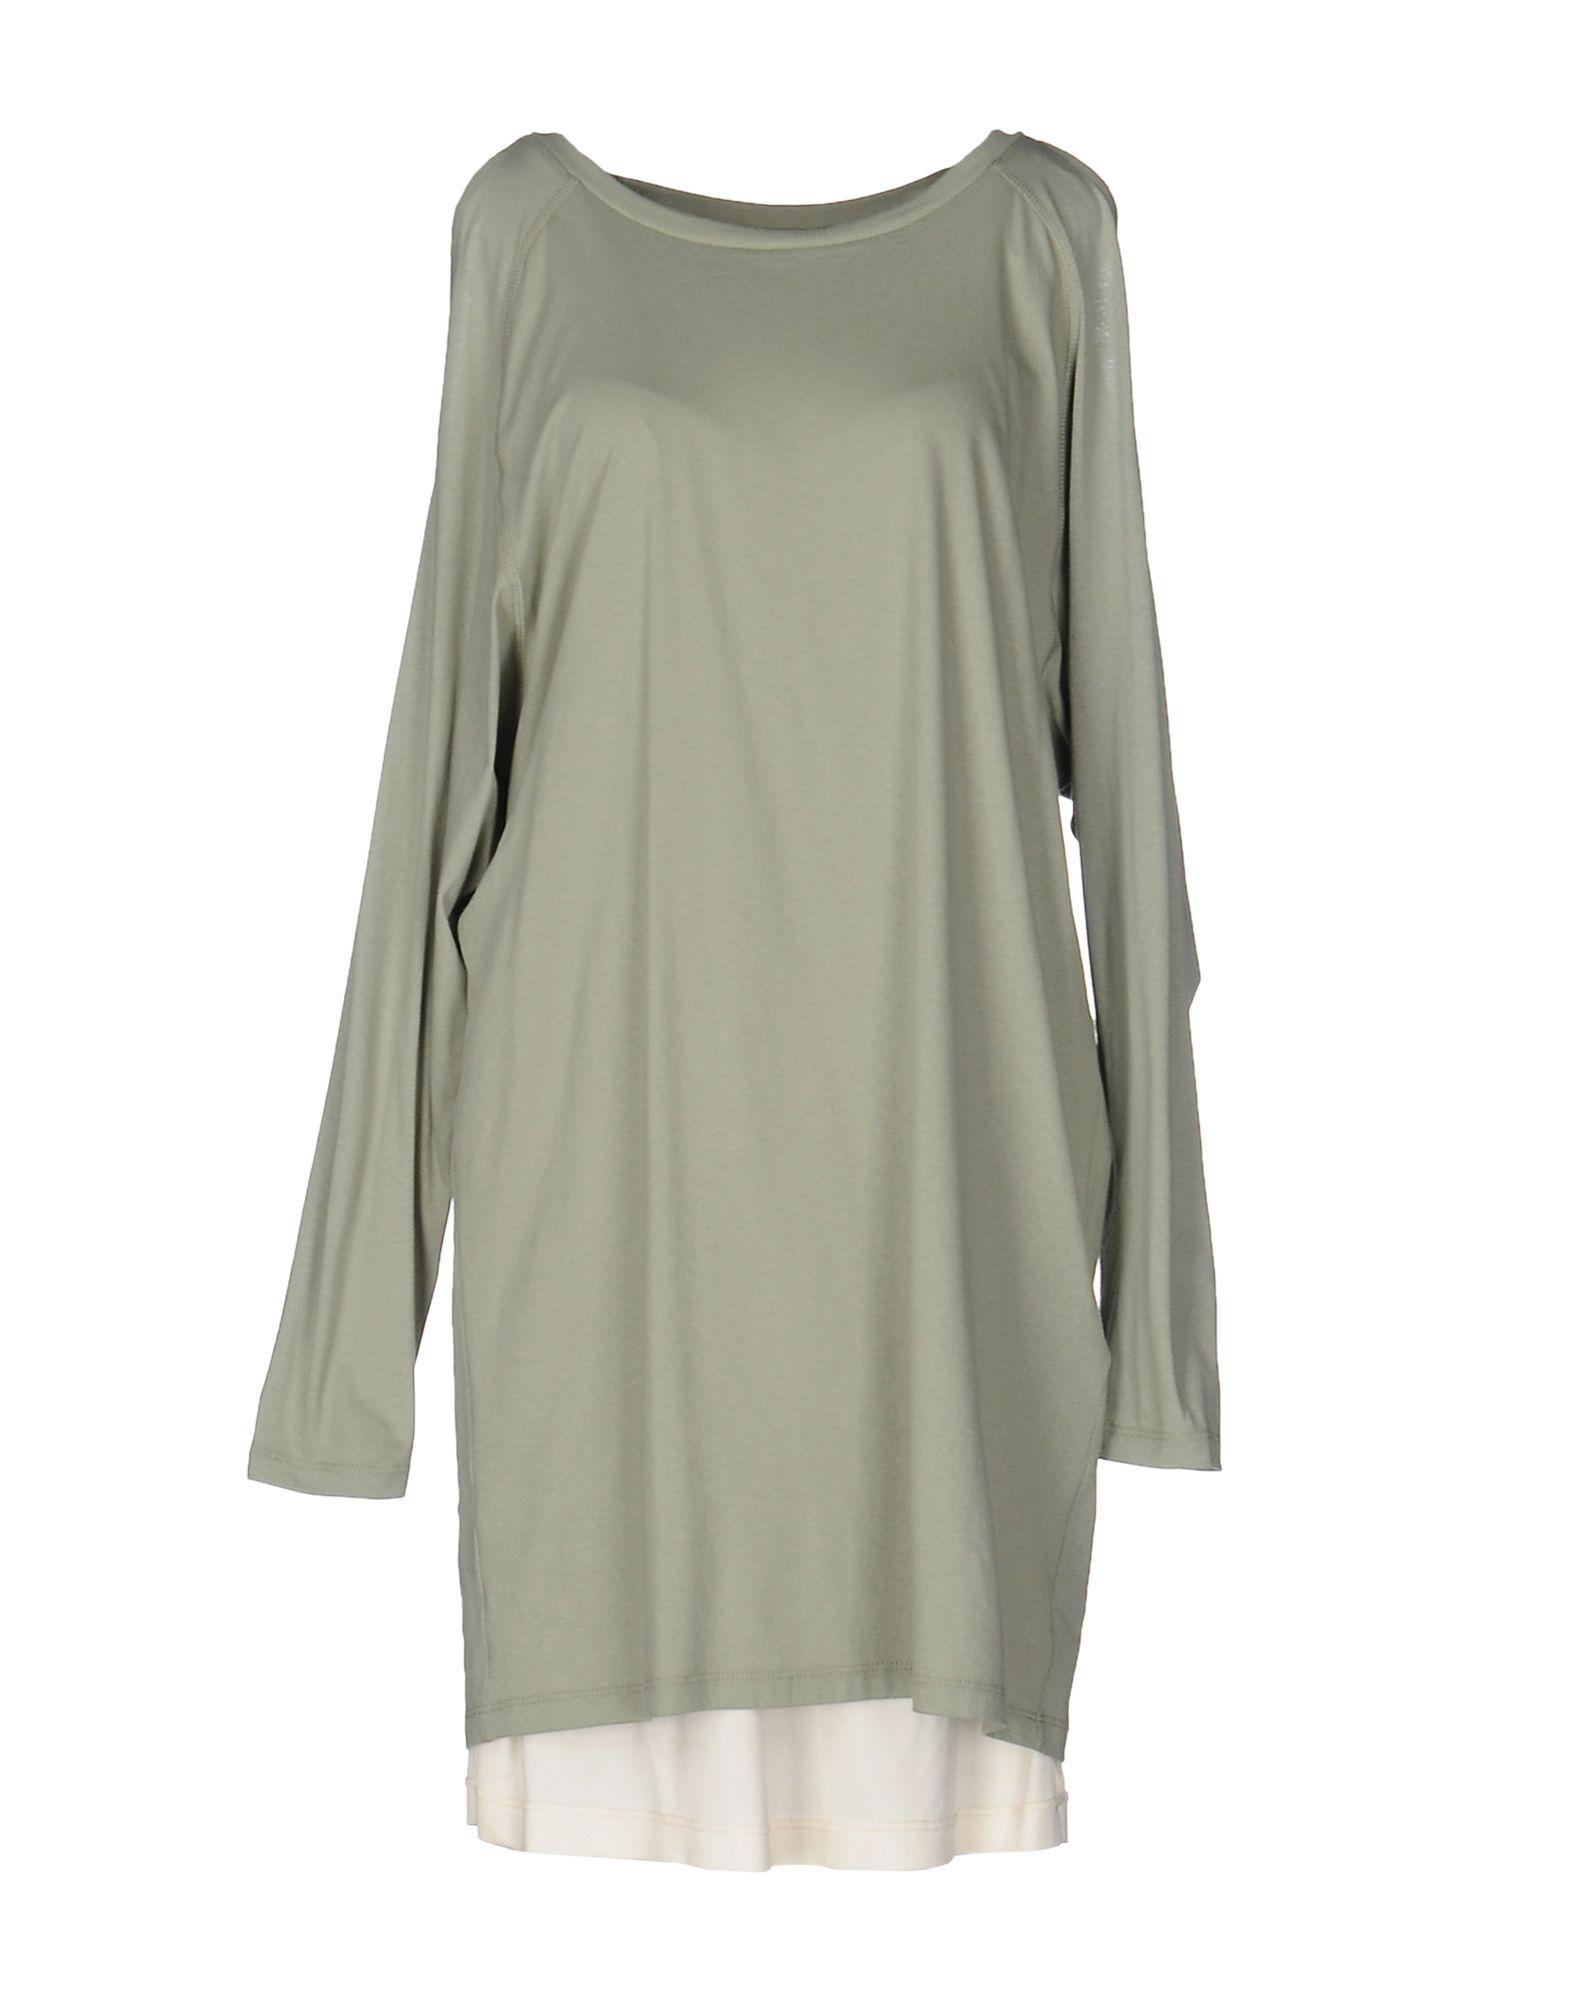 MM6 MAISON MARGIELA Damen Kurzes Kleid Farbe Militärgrün Größe 5 jetztbilligerkaufen